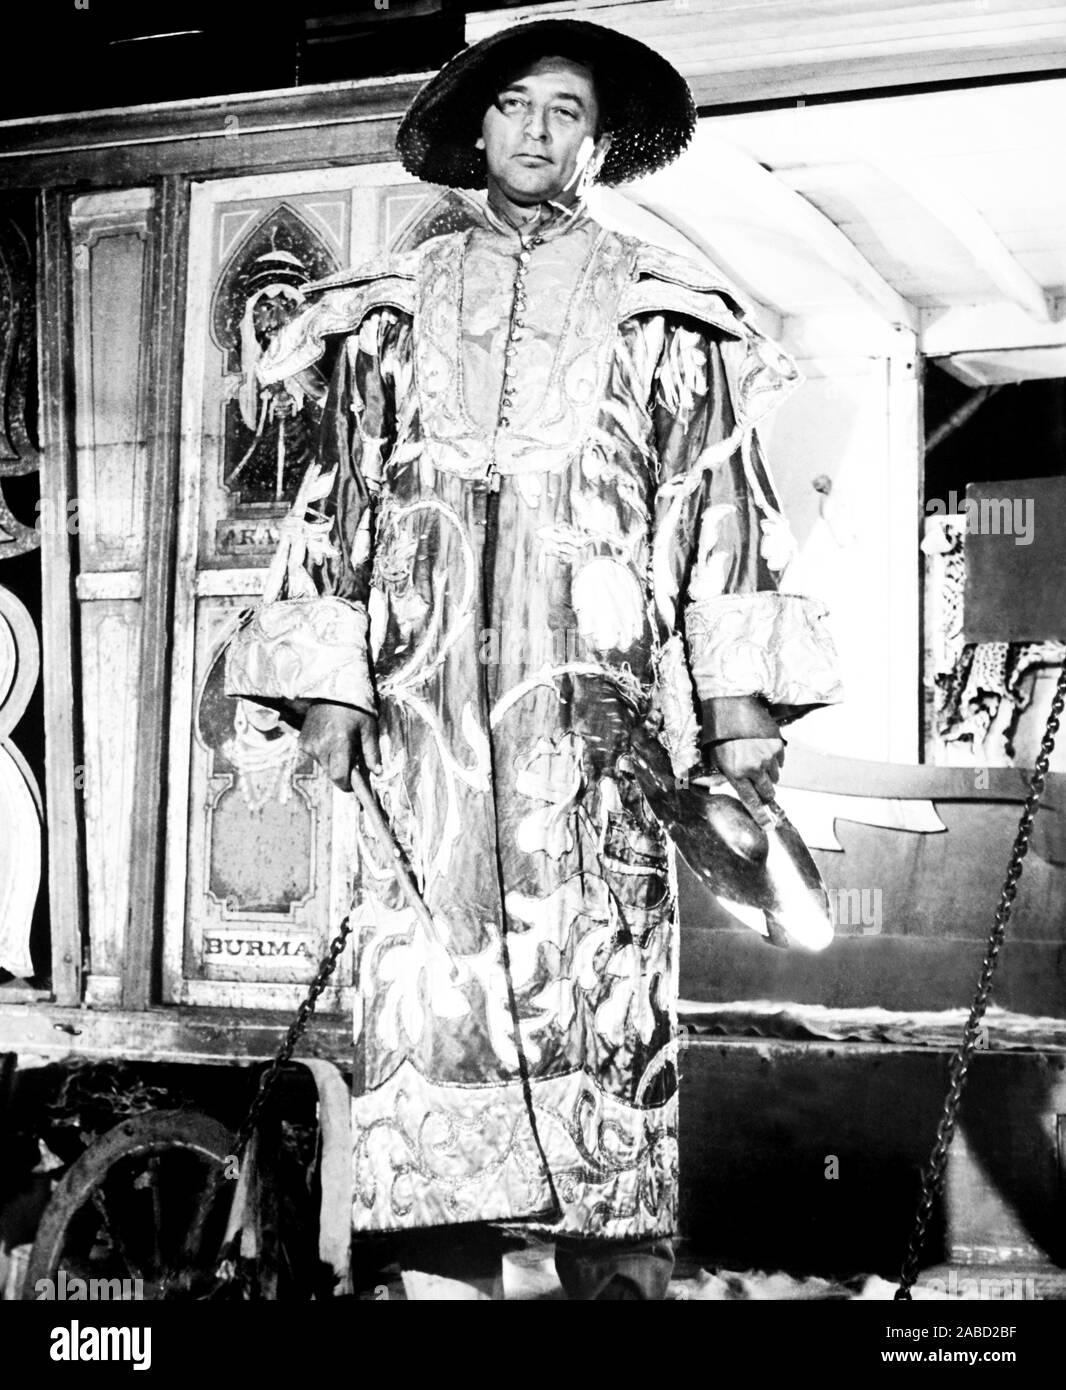 MISTER MOSES, Robert Mitchum, 1965 Stock Photo